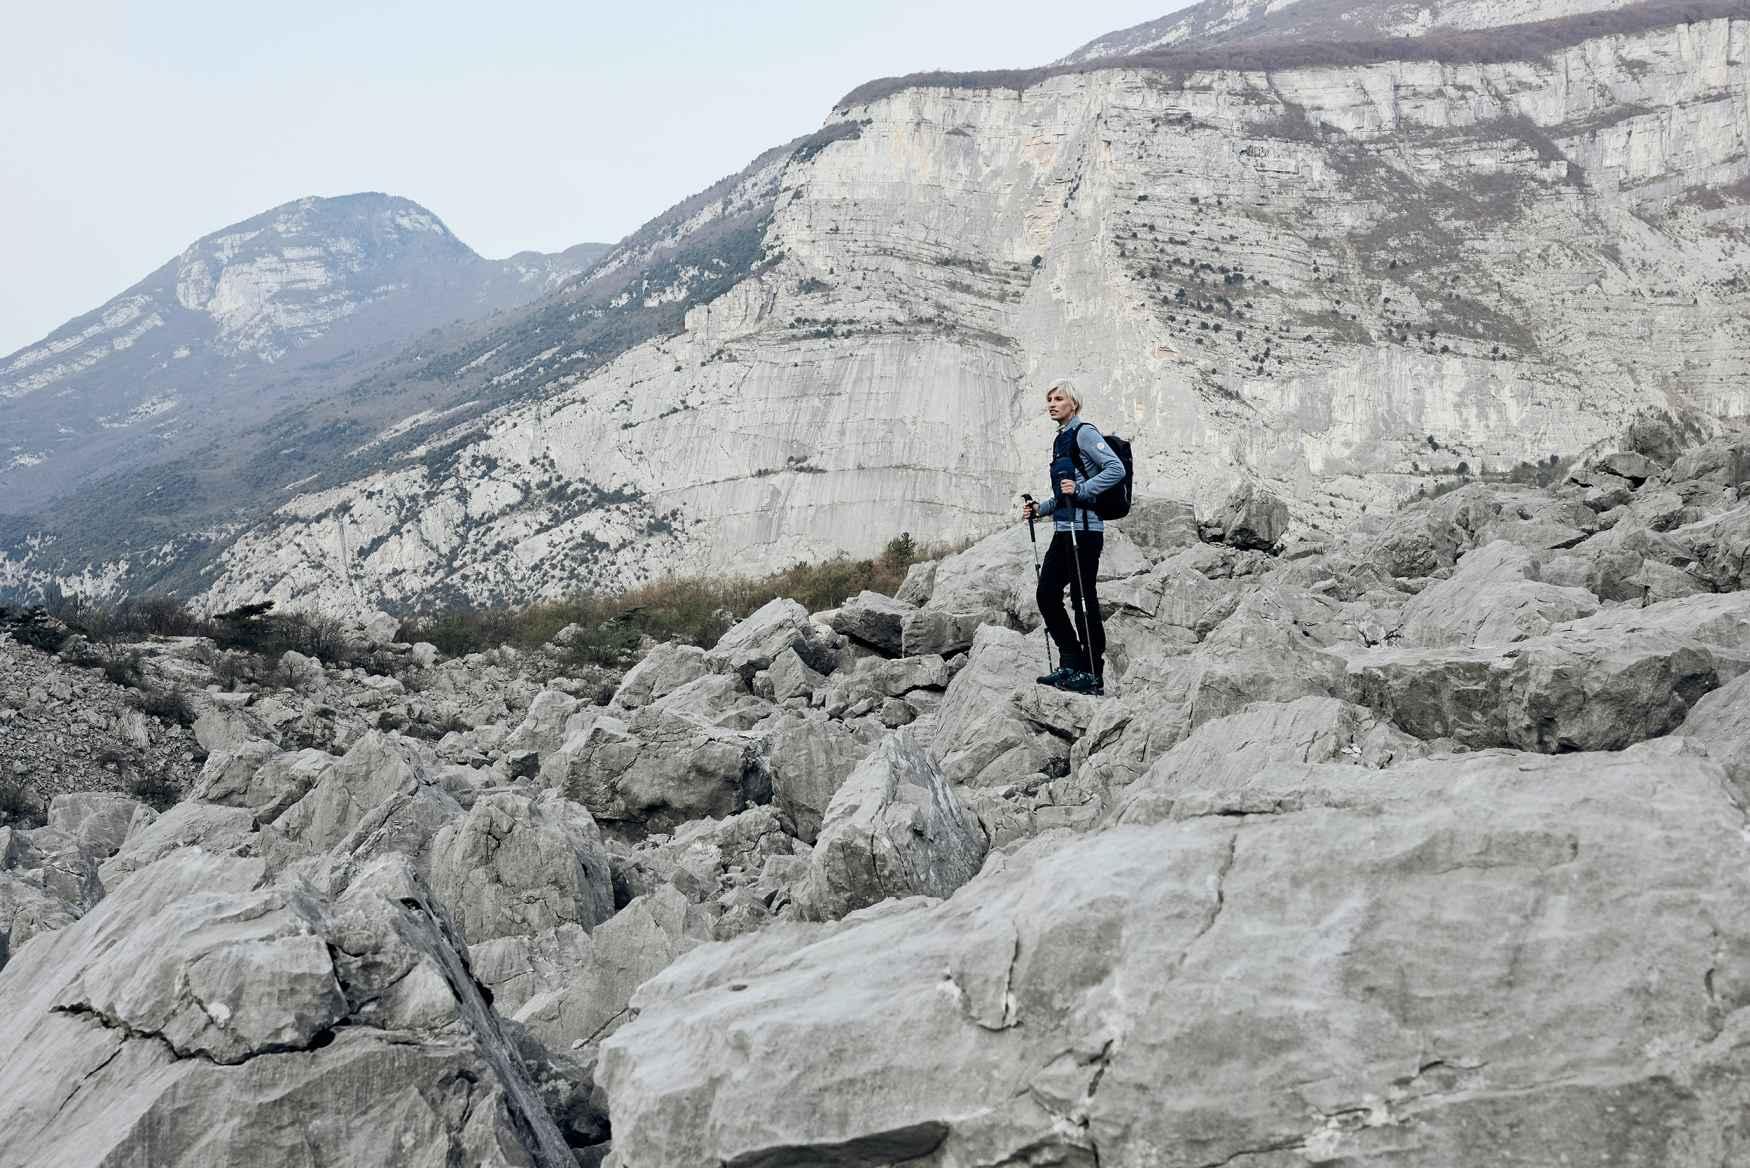 Wer einen verlässlichen Begleiter für die nächste Trekking-Tour sucht, der auch noch richtig viel Ausdauer hat, sollte sich den BADIA GTX Ws näher ansehen. LOWA hat diesen Bergschuh extra auf die Anatomie von Frauenfüßen abgestimmt und wichtige Details dazugepackt: Mit dabei ist eine GORE-TEX-Membran für selbst widrige Wetterbedingungen, eine Zweizonenschnürung und hochwertige ROLLER EYELETS für eine leichte Schnürung. Darüber hinaus sorgt die VIBRAM®-TRAC-LITE-II-Sohle für ordentlich Performance auf unterschiedlichsten Untergründen.